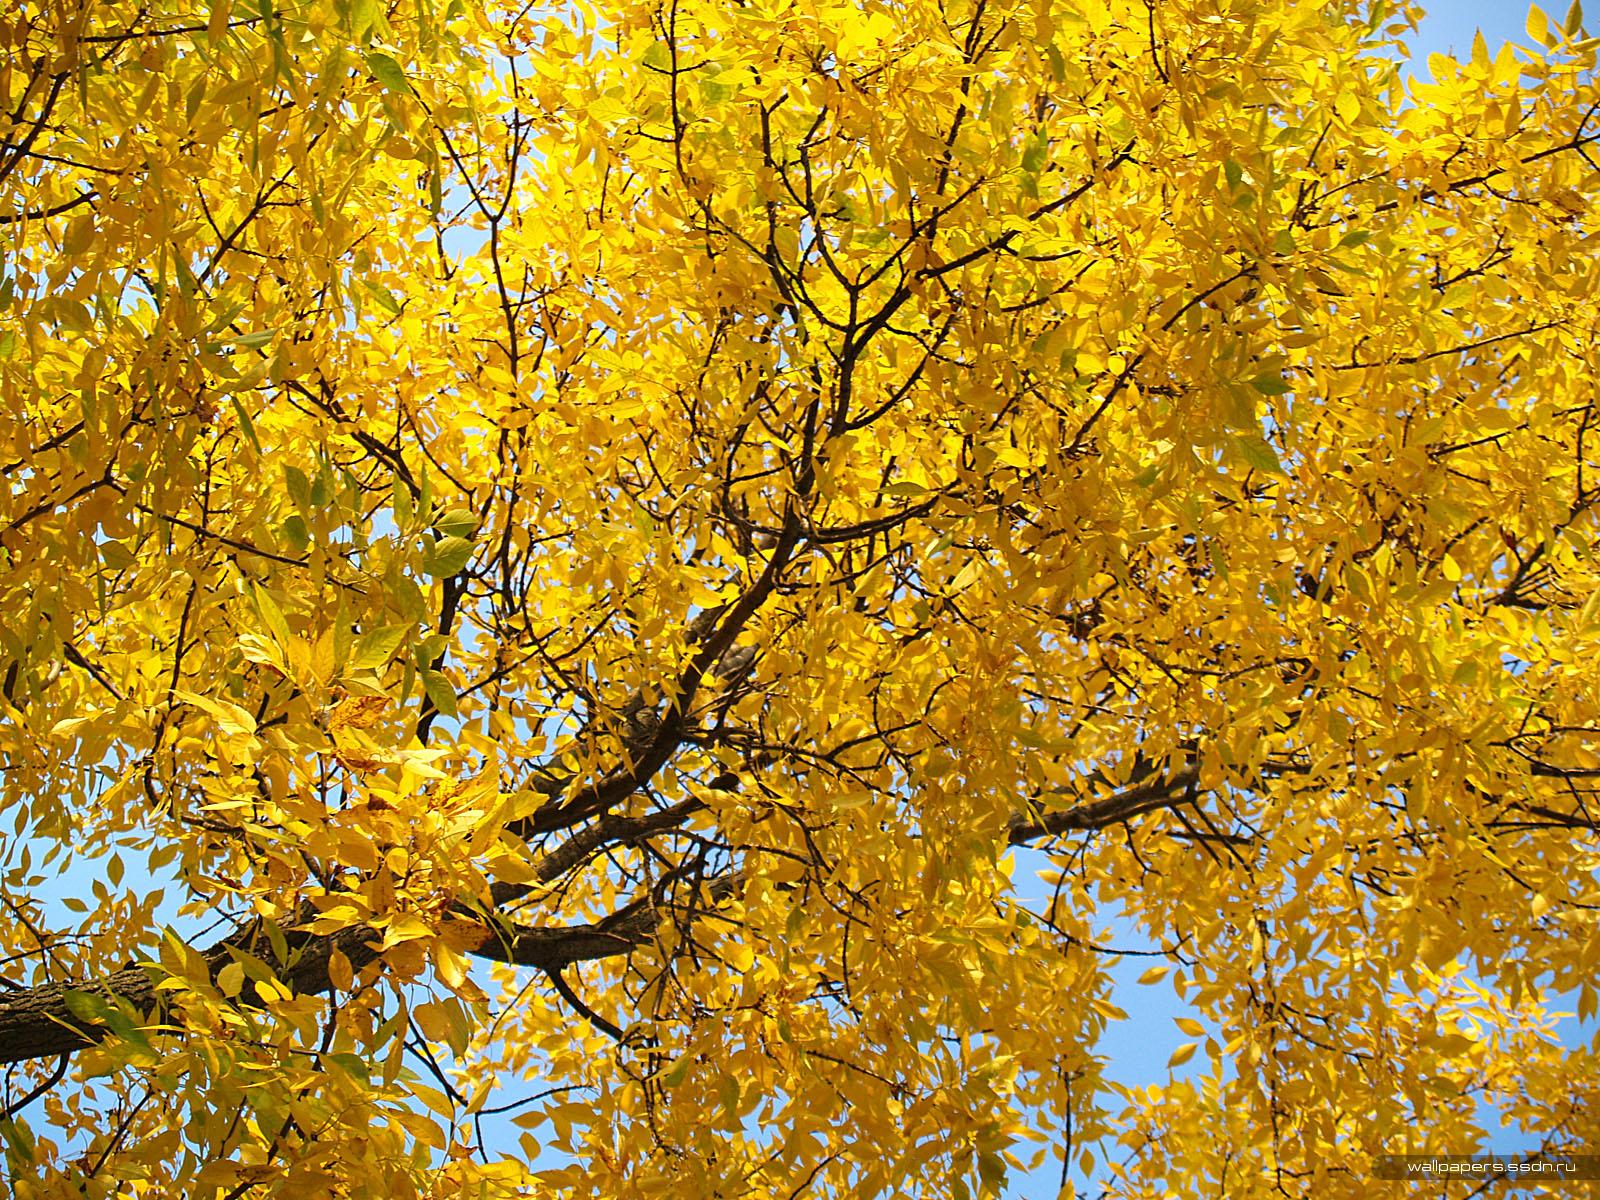 желтые листья, скачать фото, осень, обои на рабочем столе